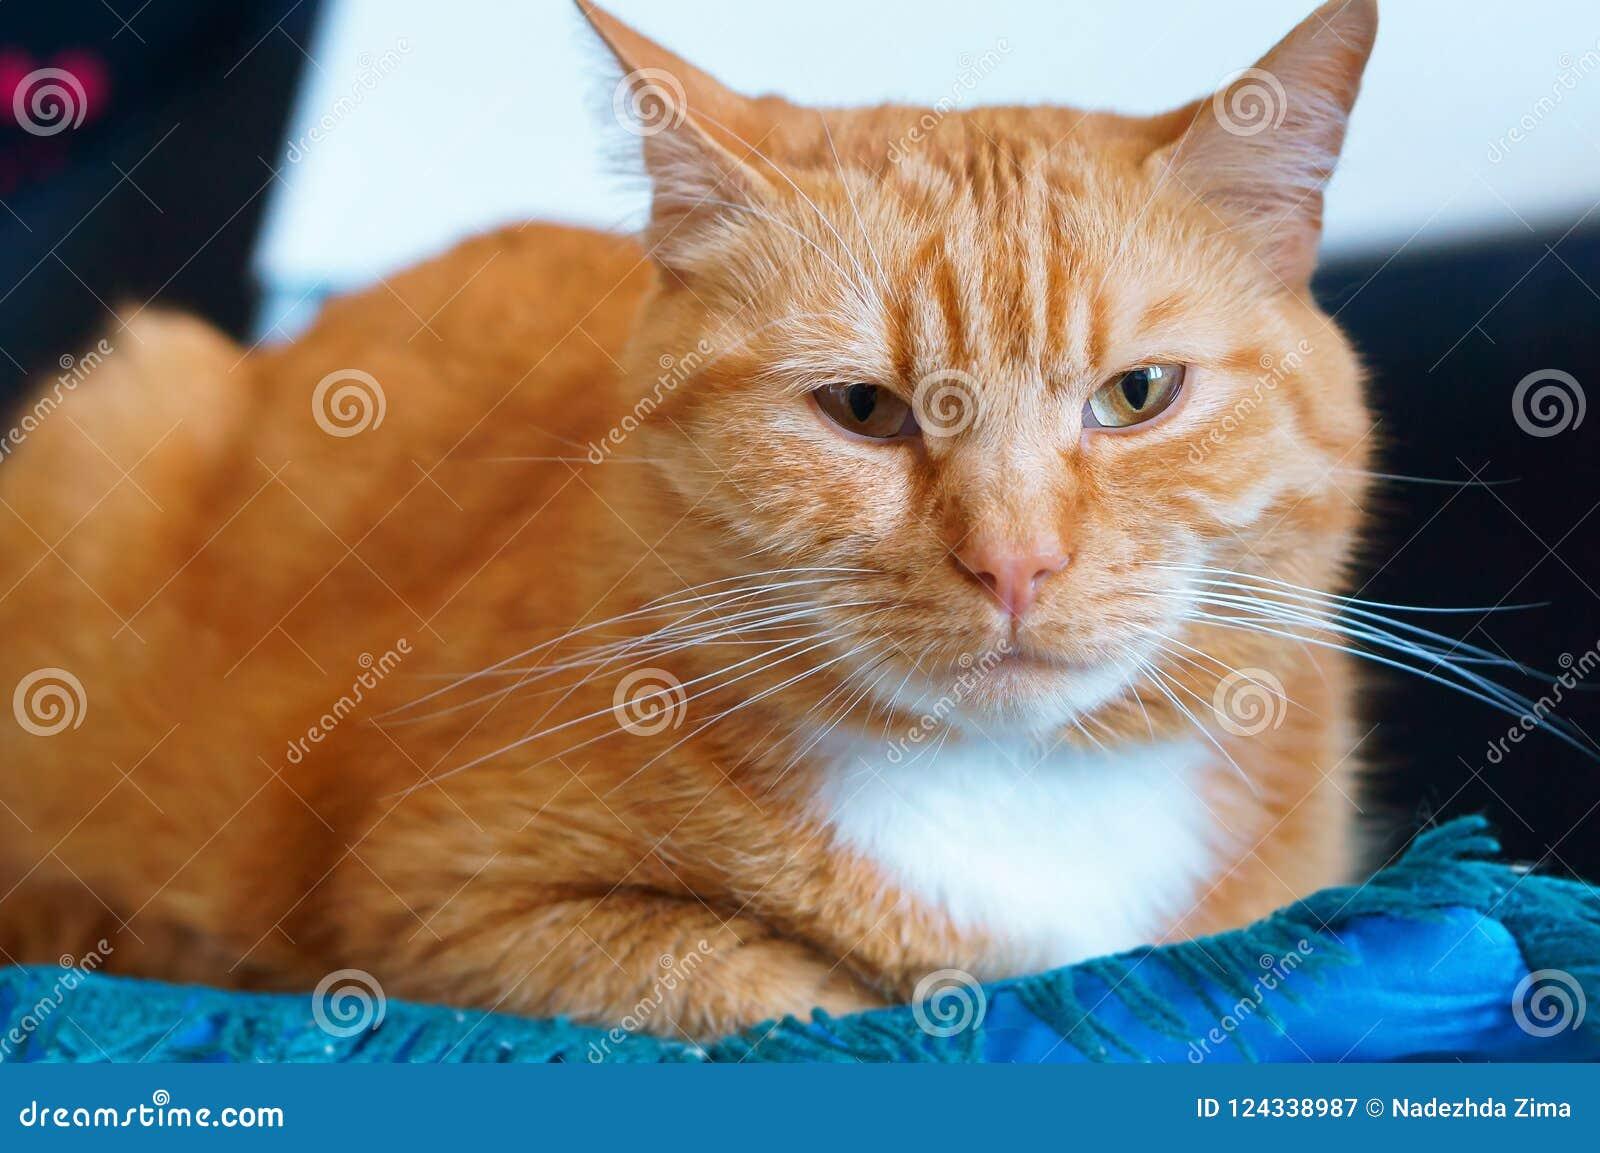 Goed gehandhaafde schone pluizige kat, de kat van het gemberhuis